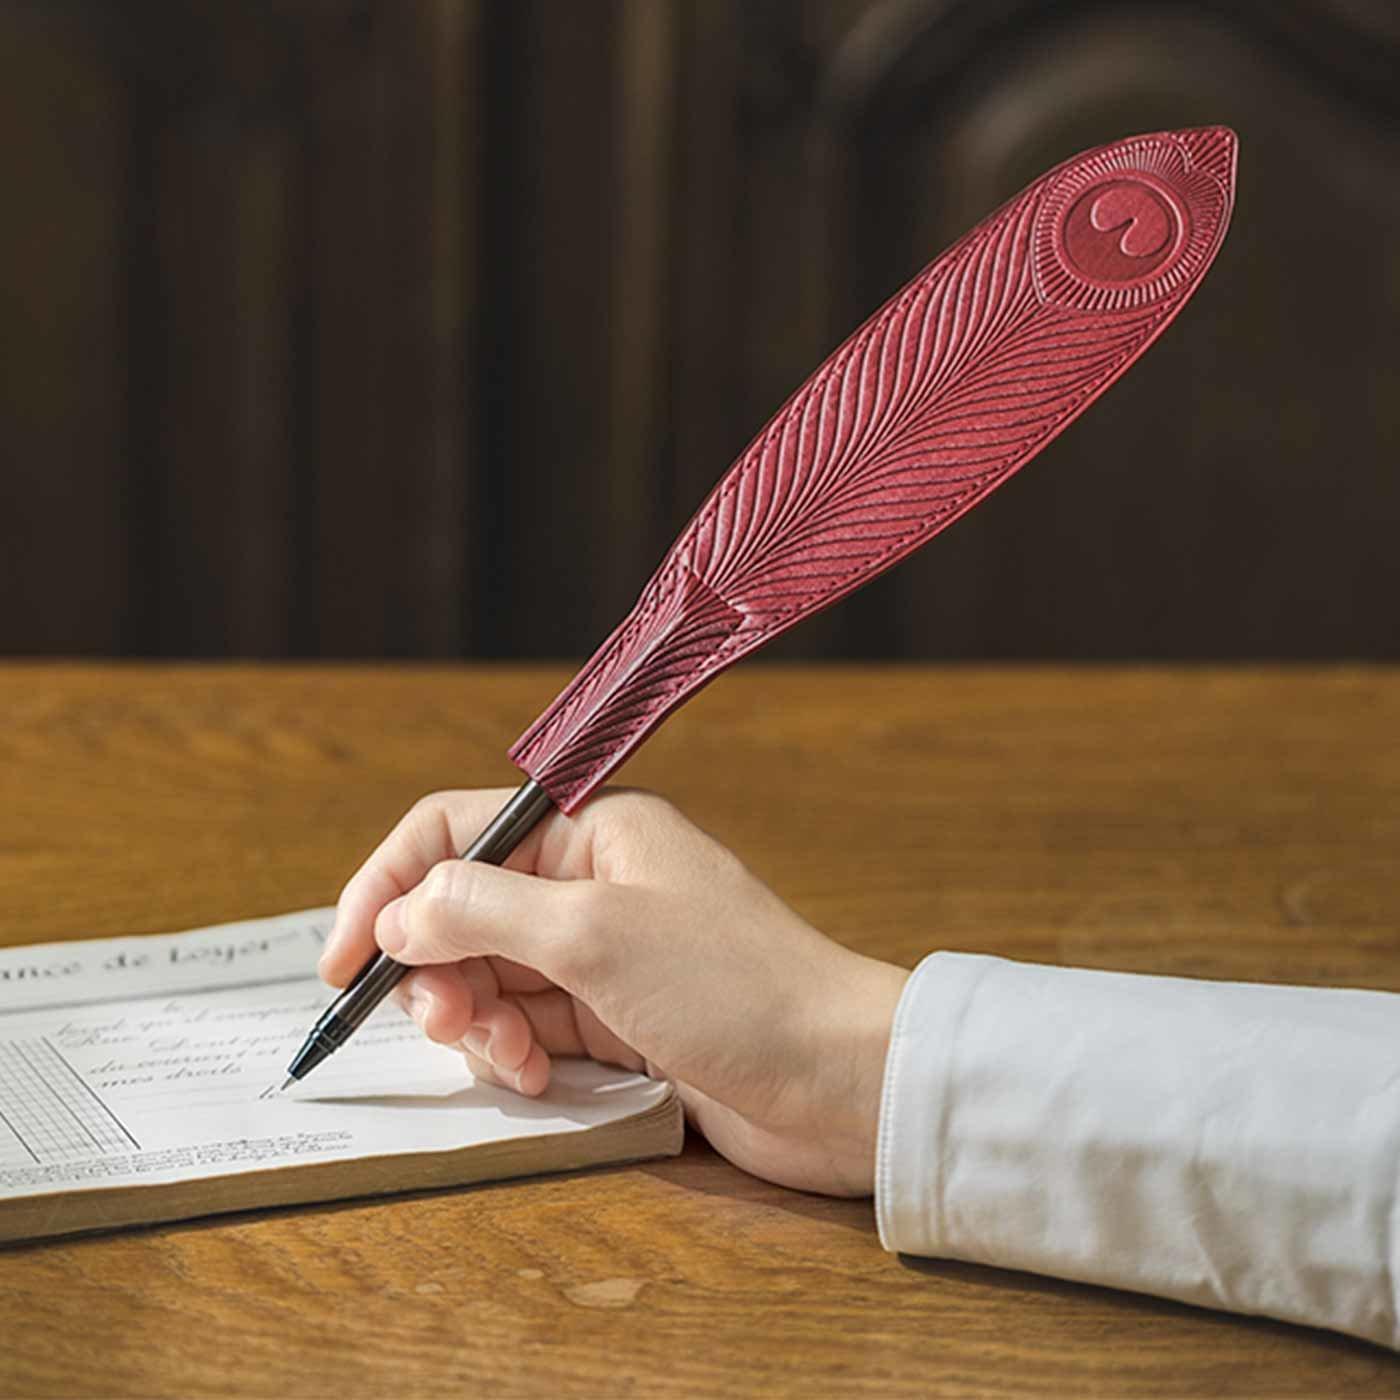 ペンやえんぴつが華麗に変身 孔雀明王羽根ペン風キャップの会